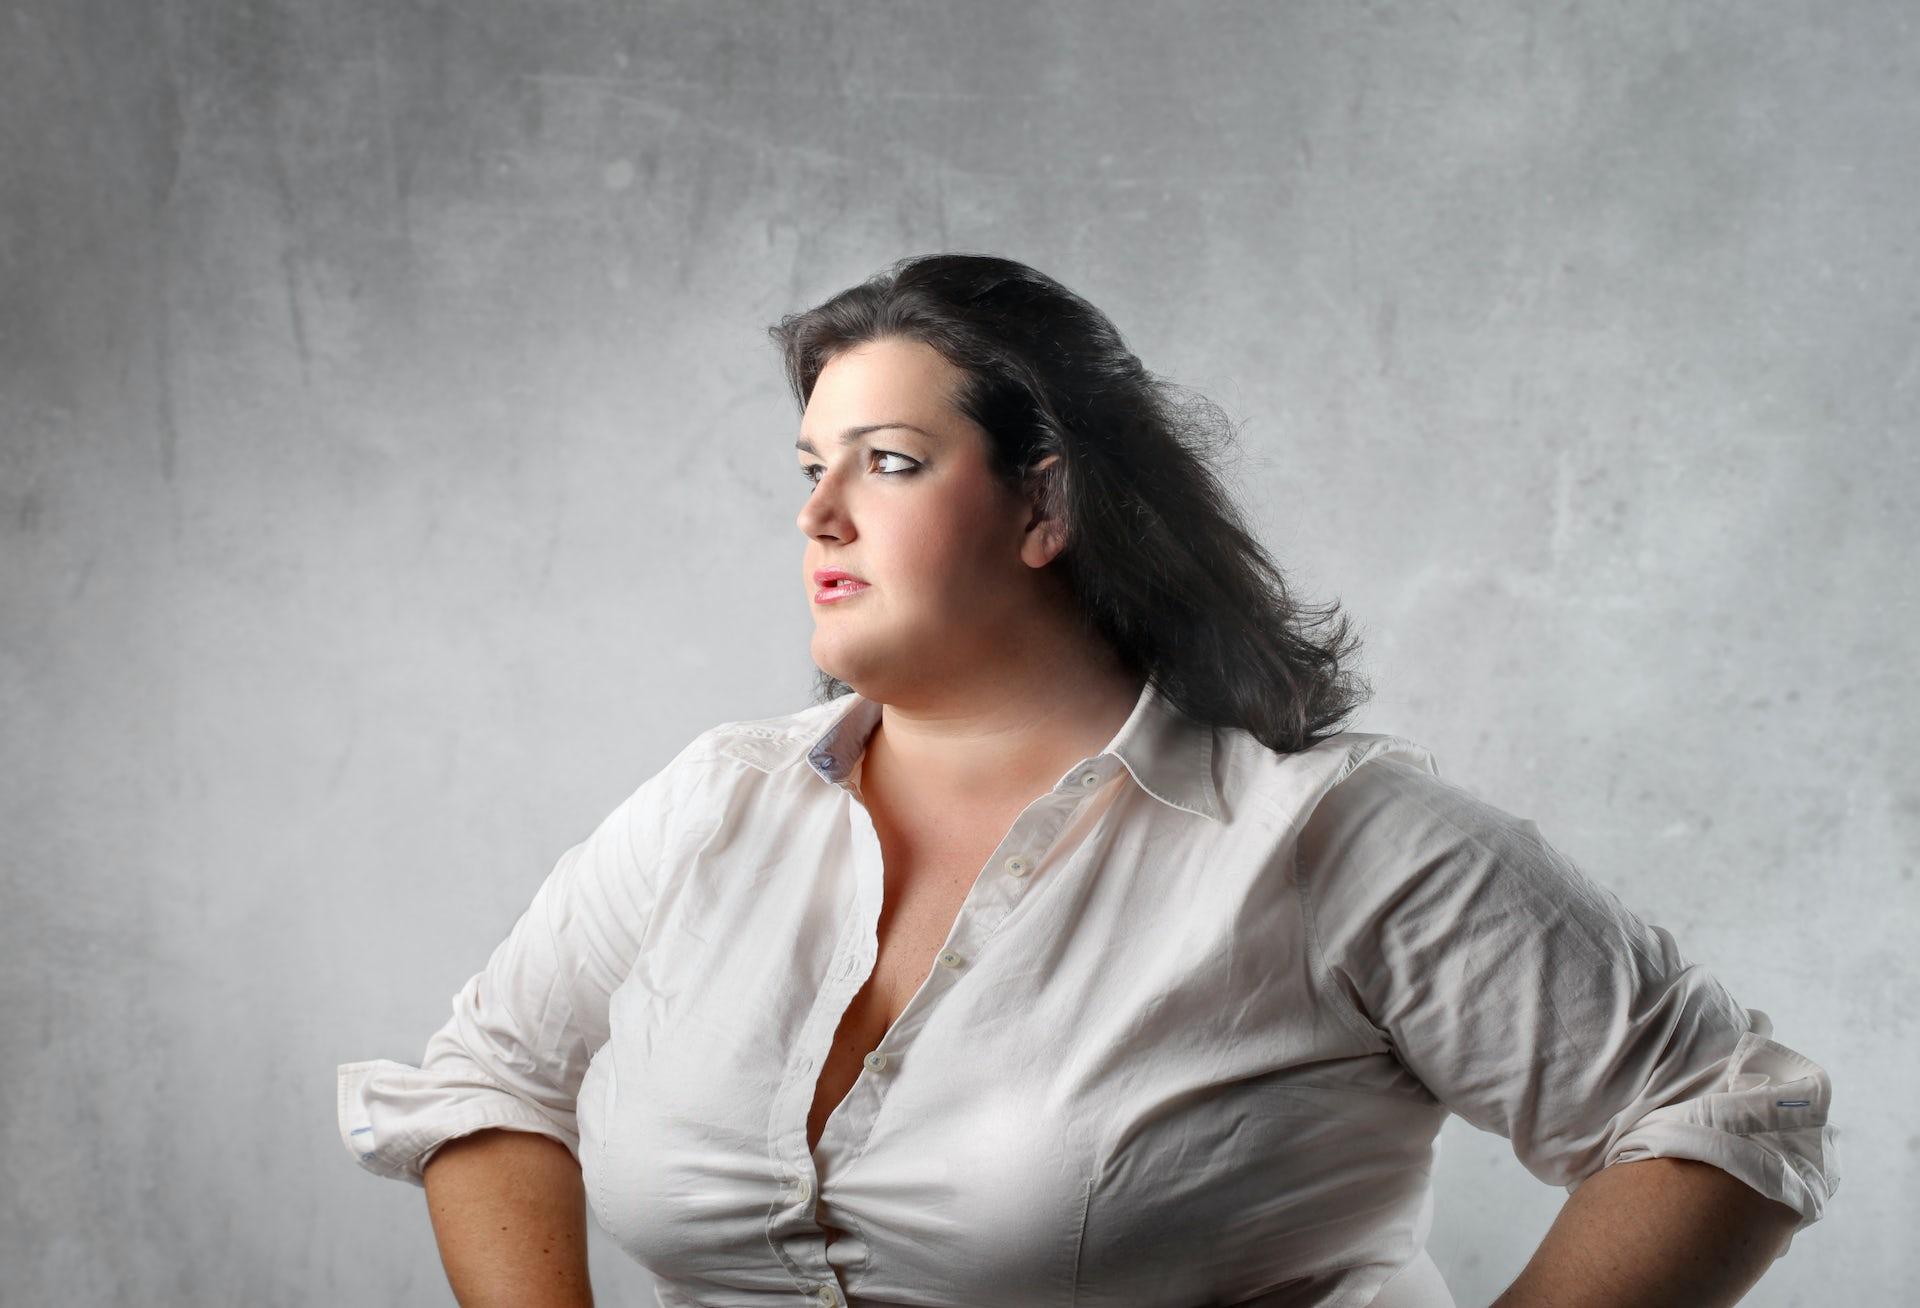 Semior chubby women